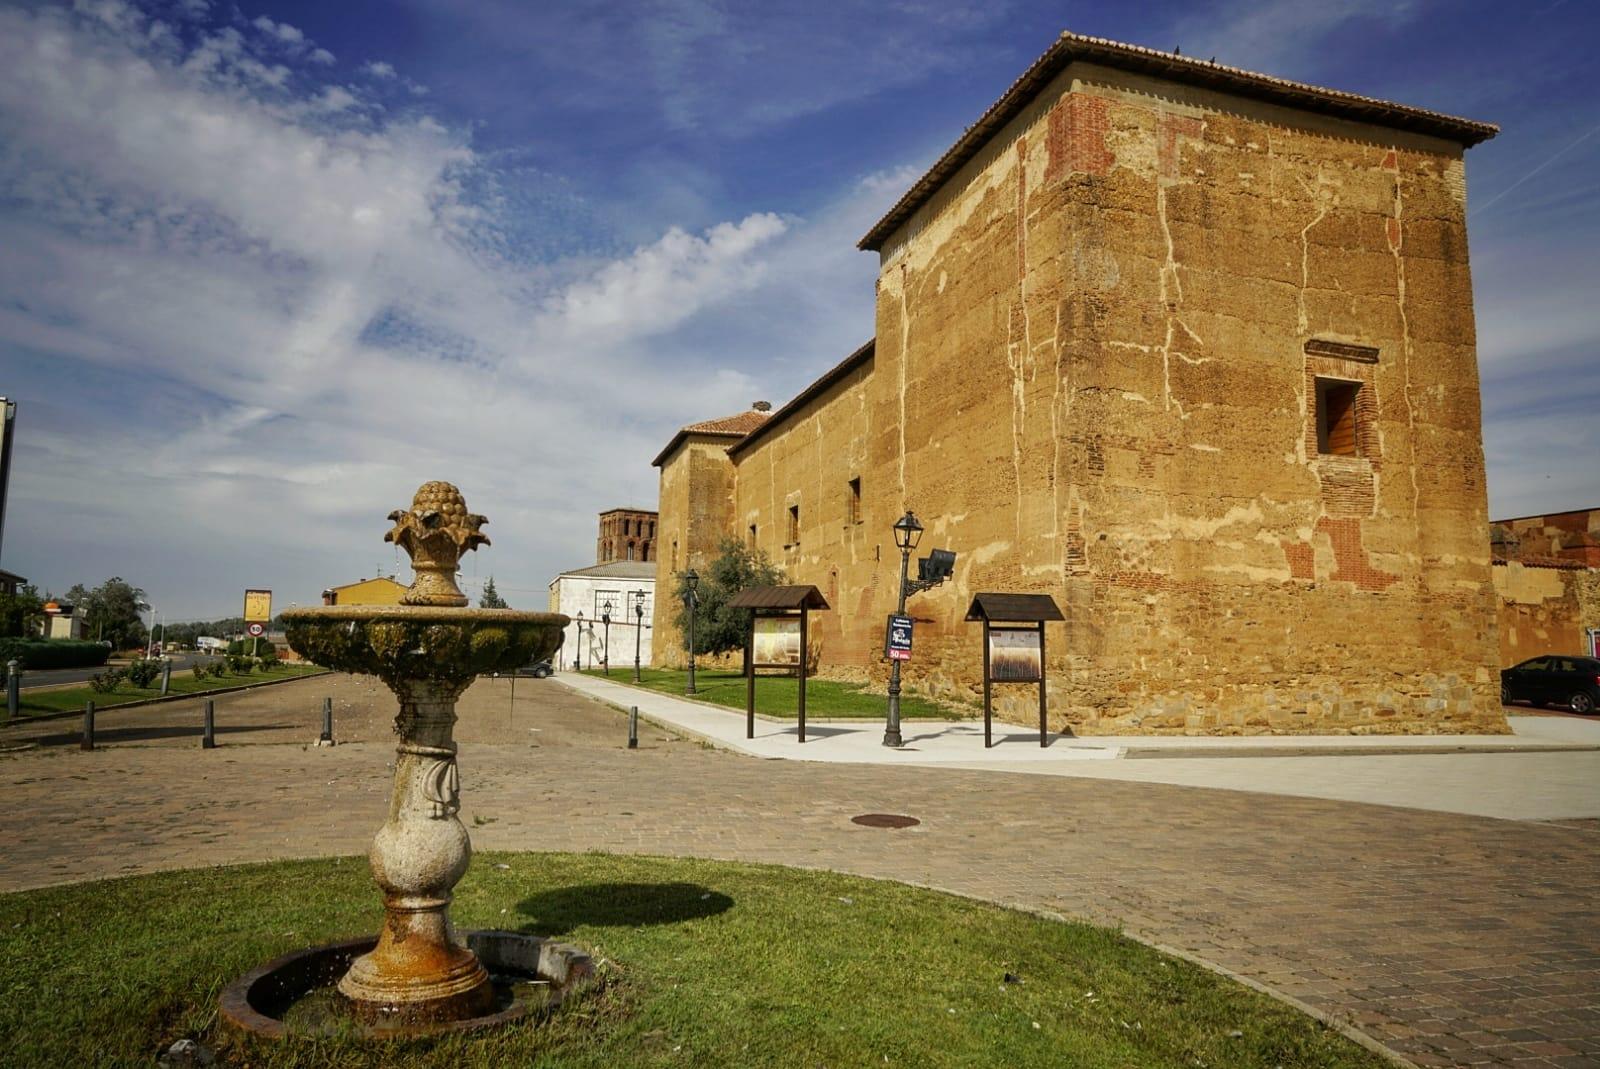 Castillo-palacio de tapial de Toral de los Guzmanes